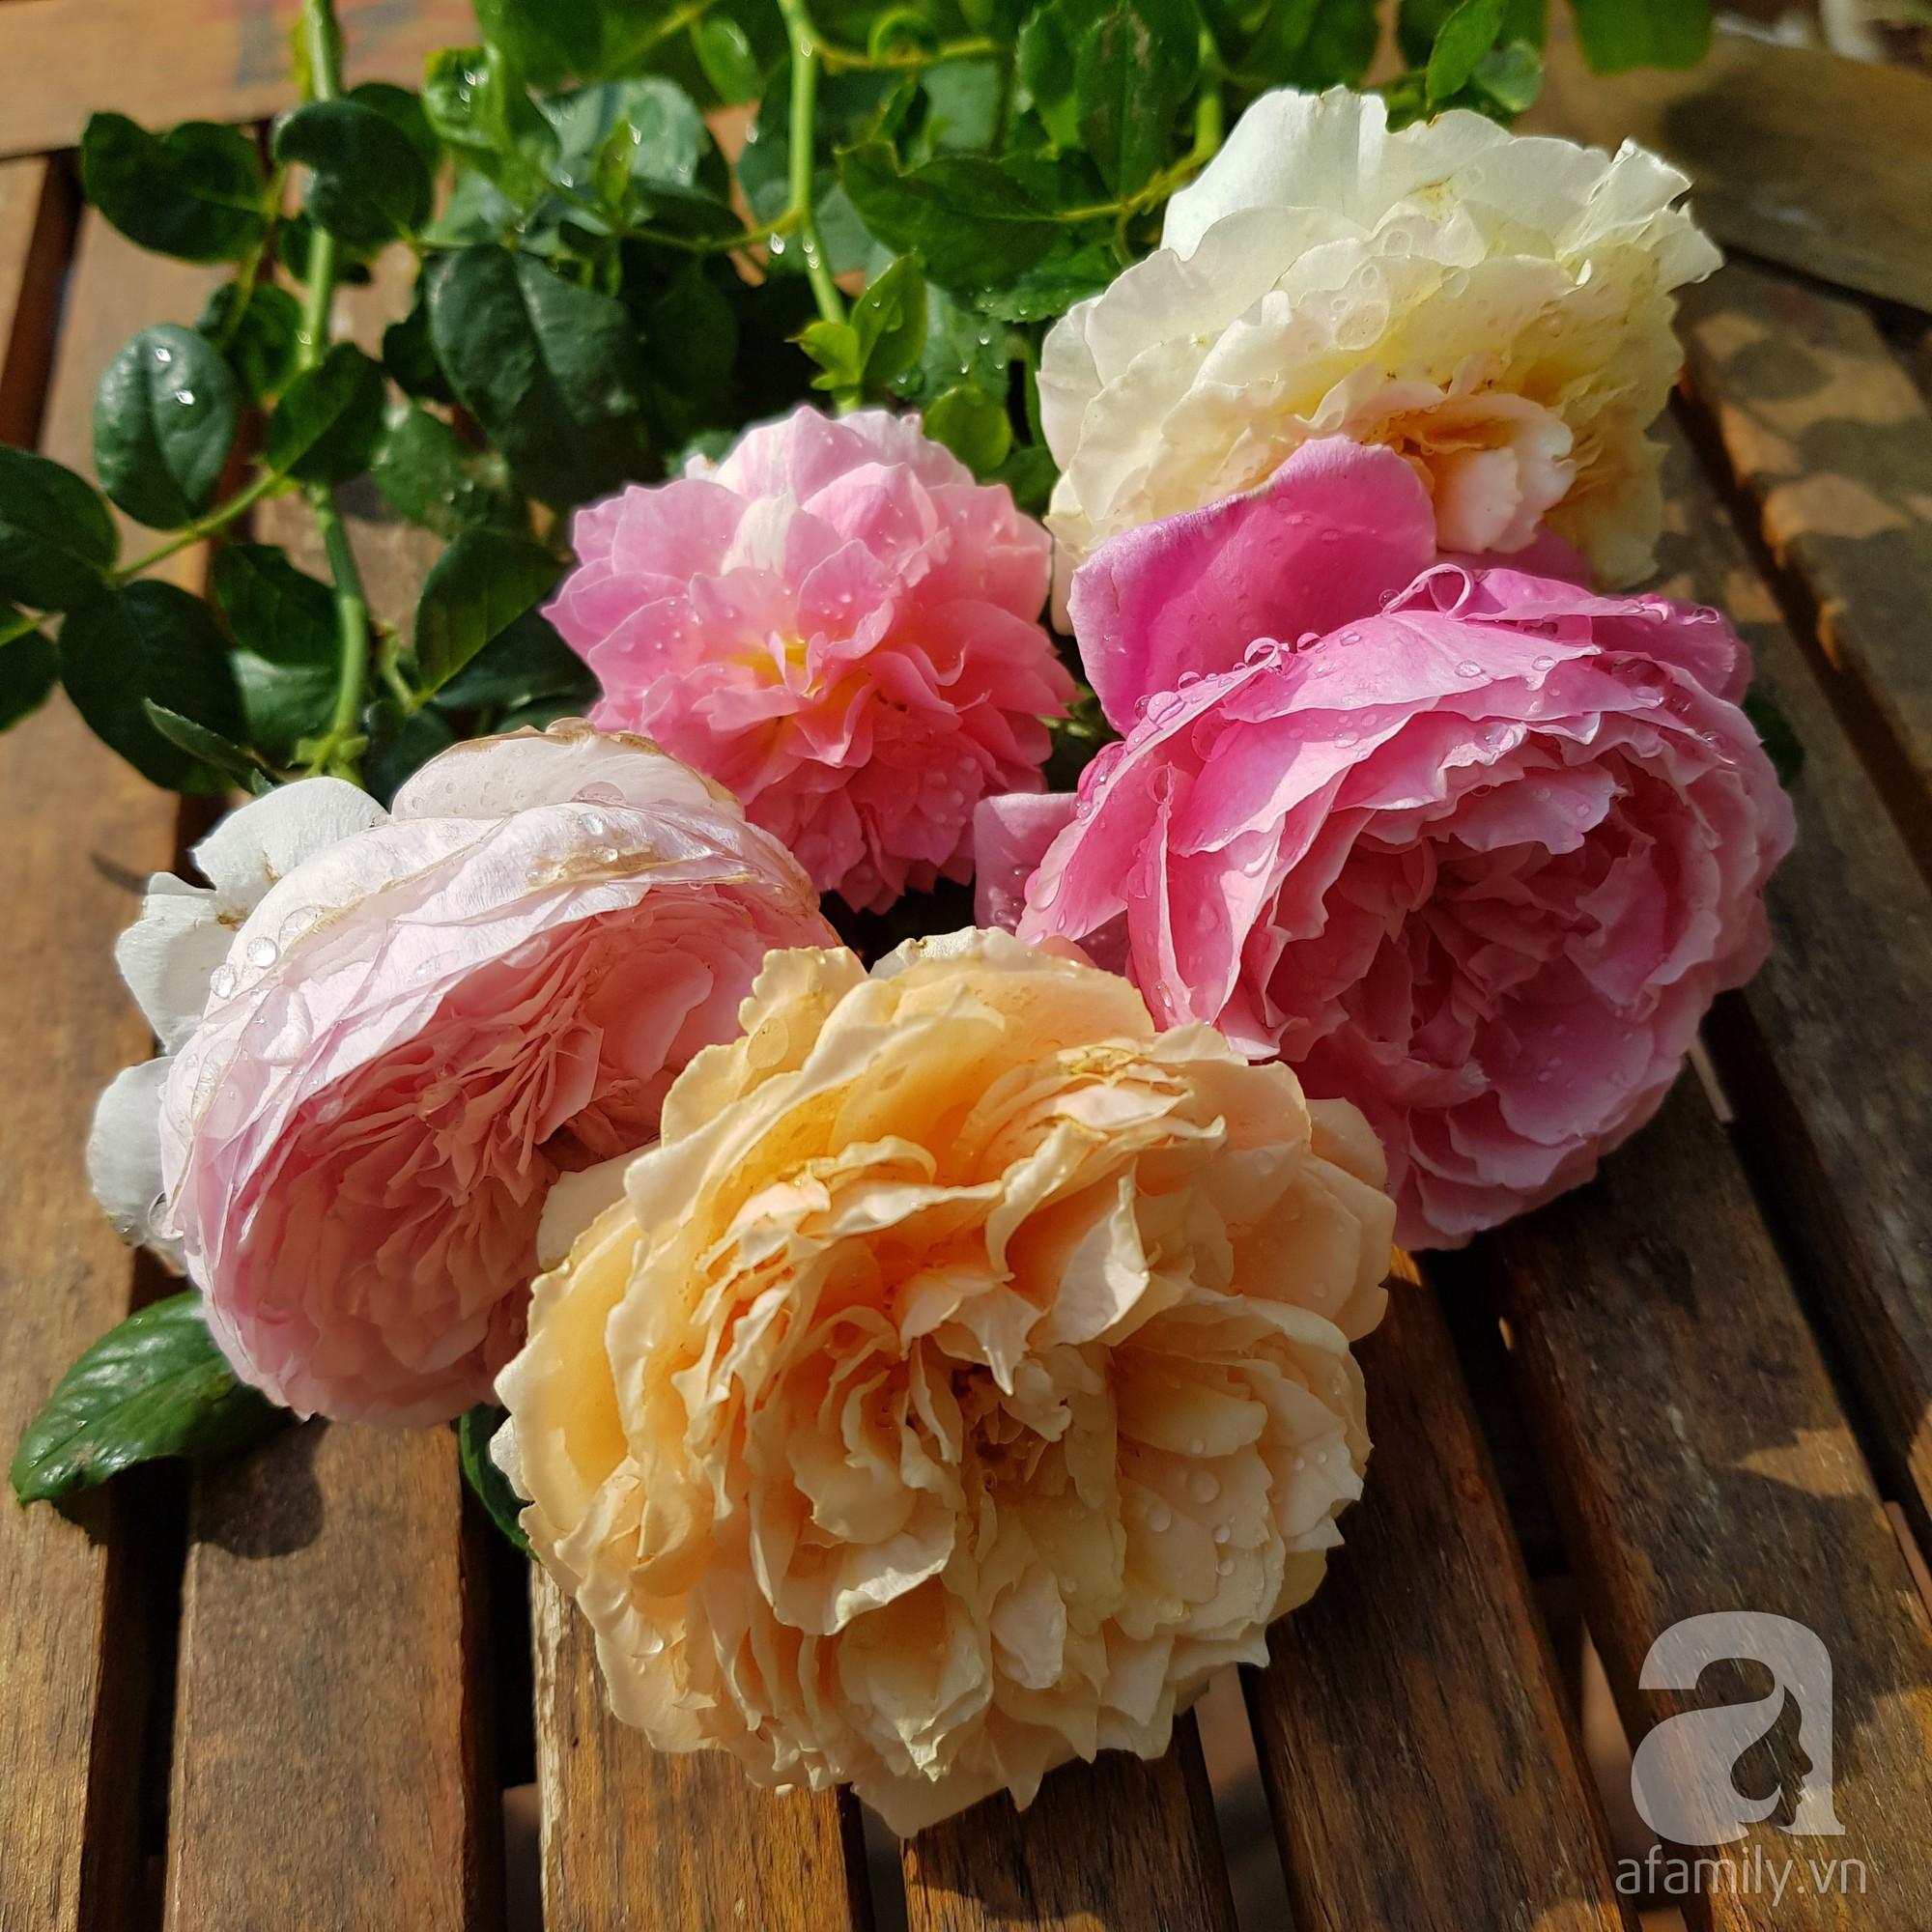 Vườn hồng trên sân thượng rực rỡ sắc màu của chàng trai 8x siêu đảm ở Sài Gòn - Ảnh 16.